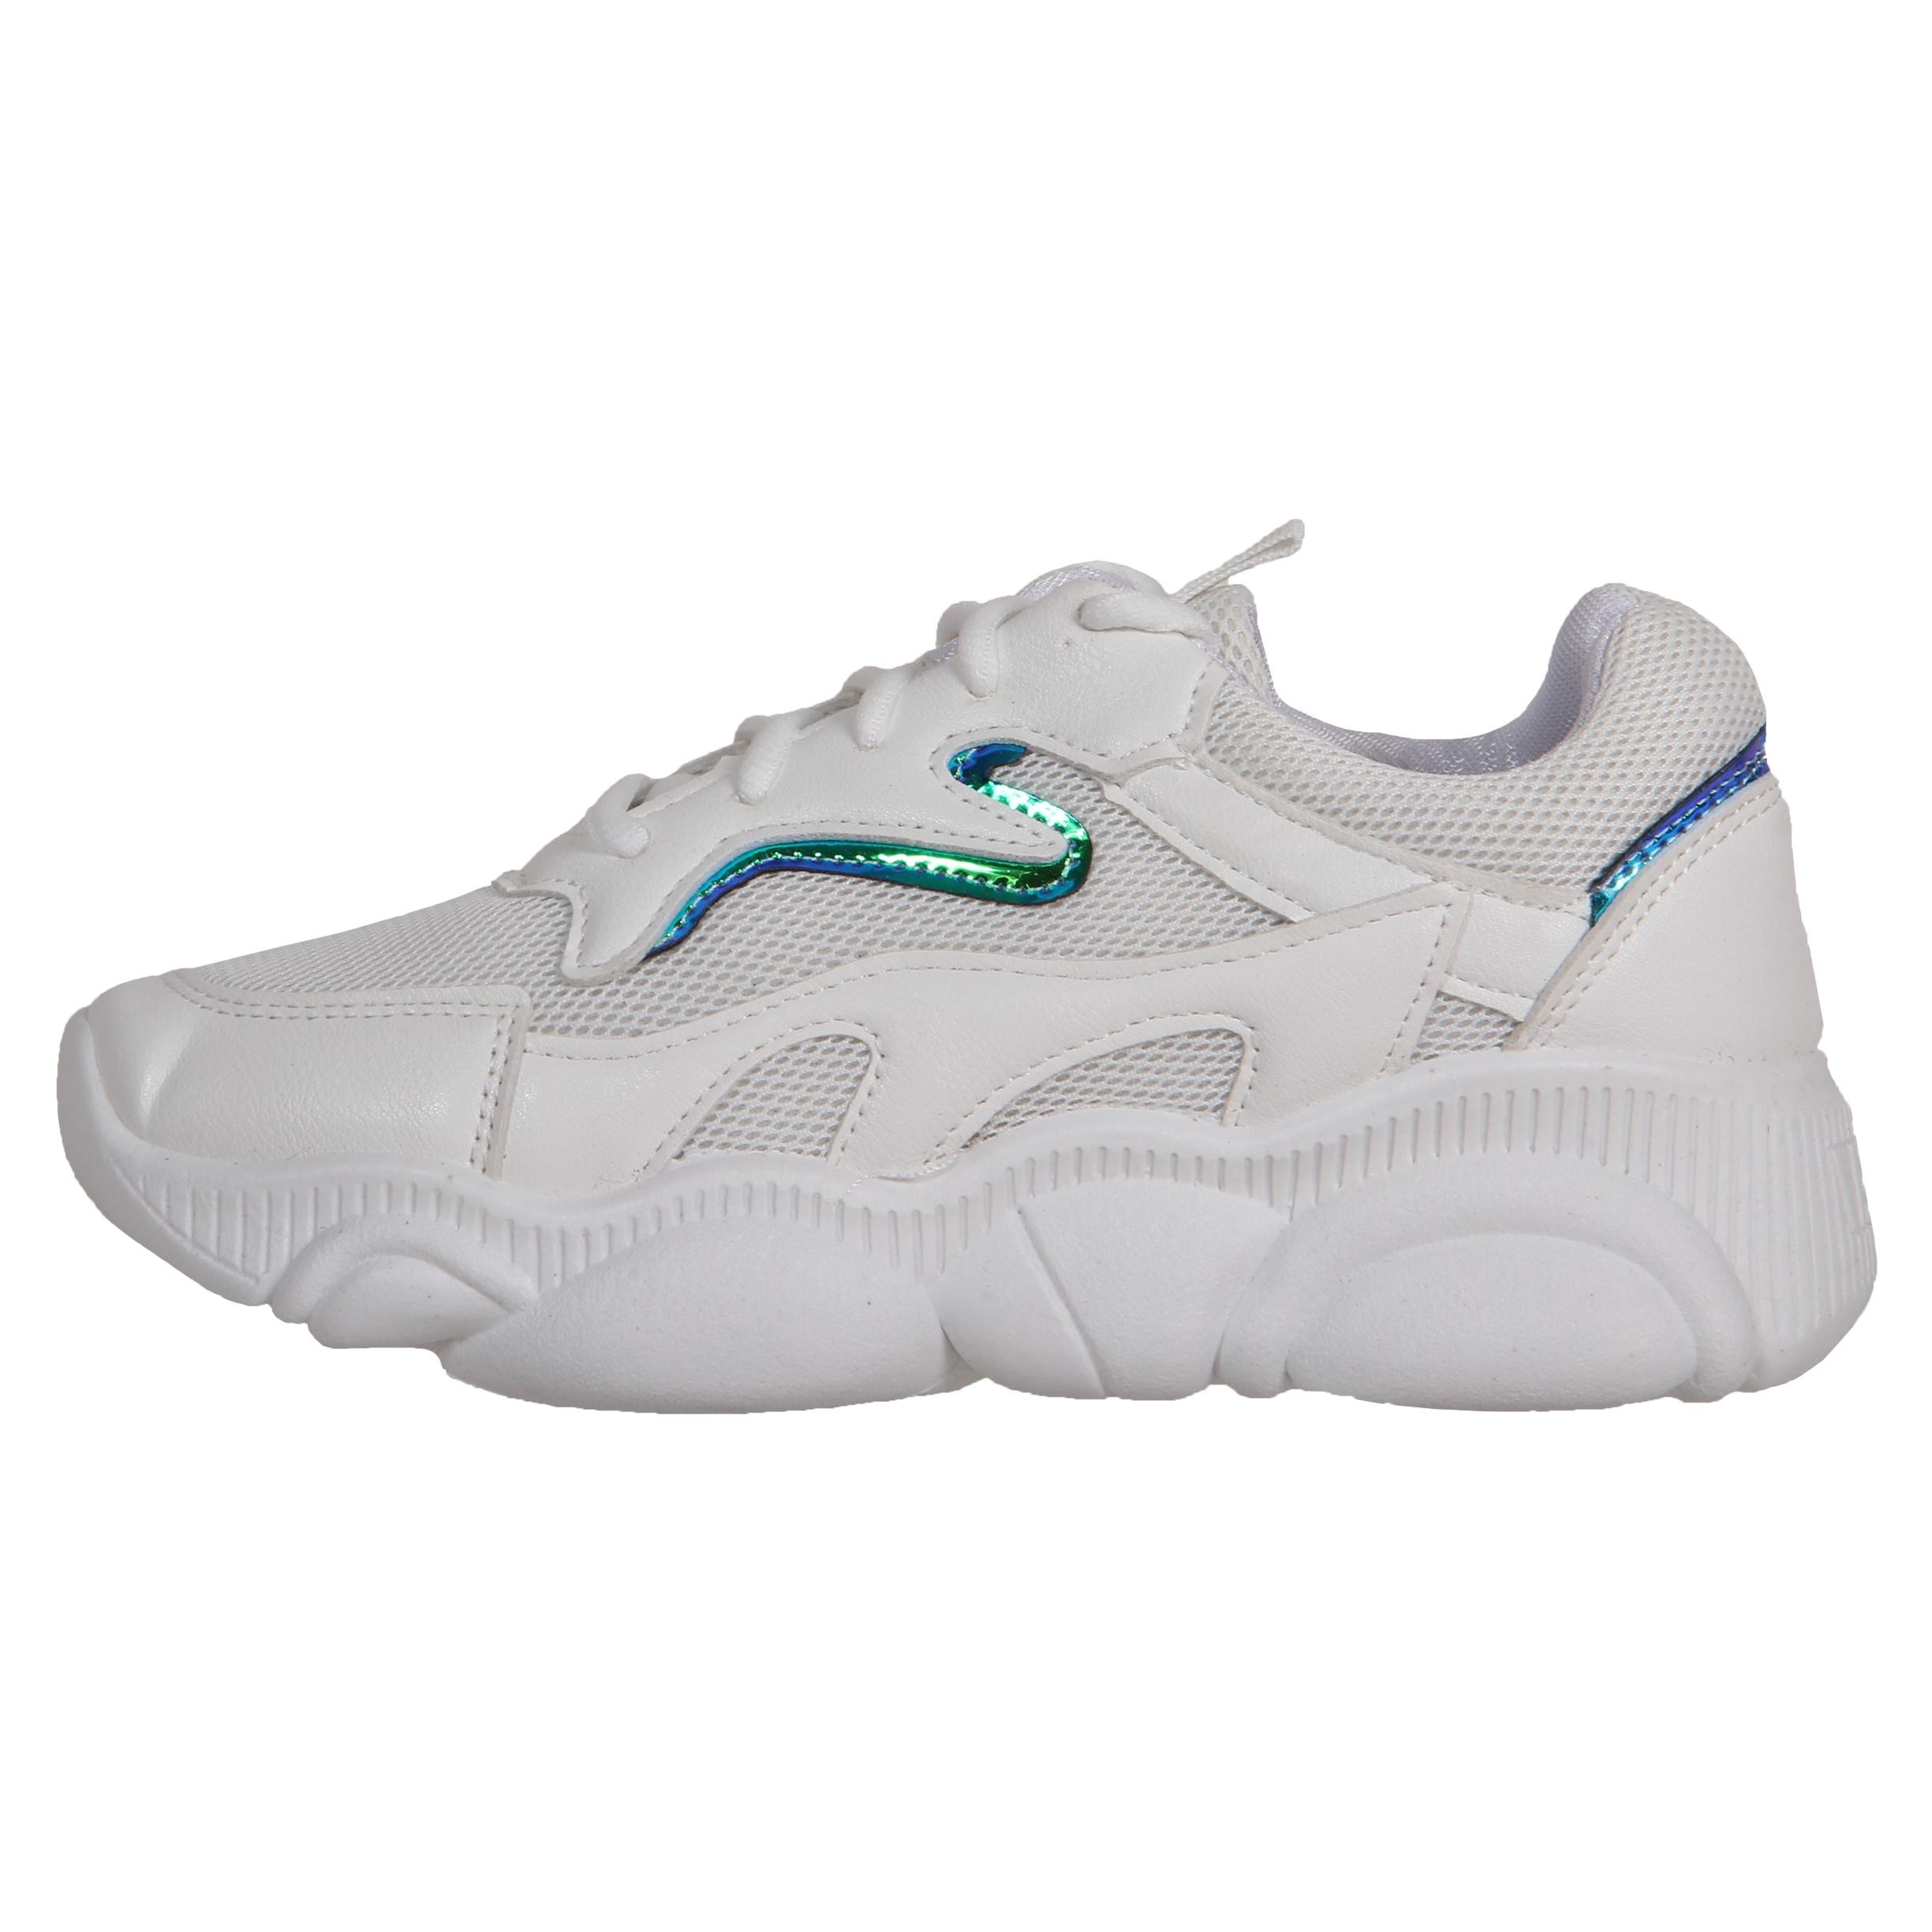 کفش مخصوص پیاده روی زنانه کد 18-219210